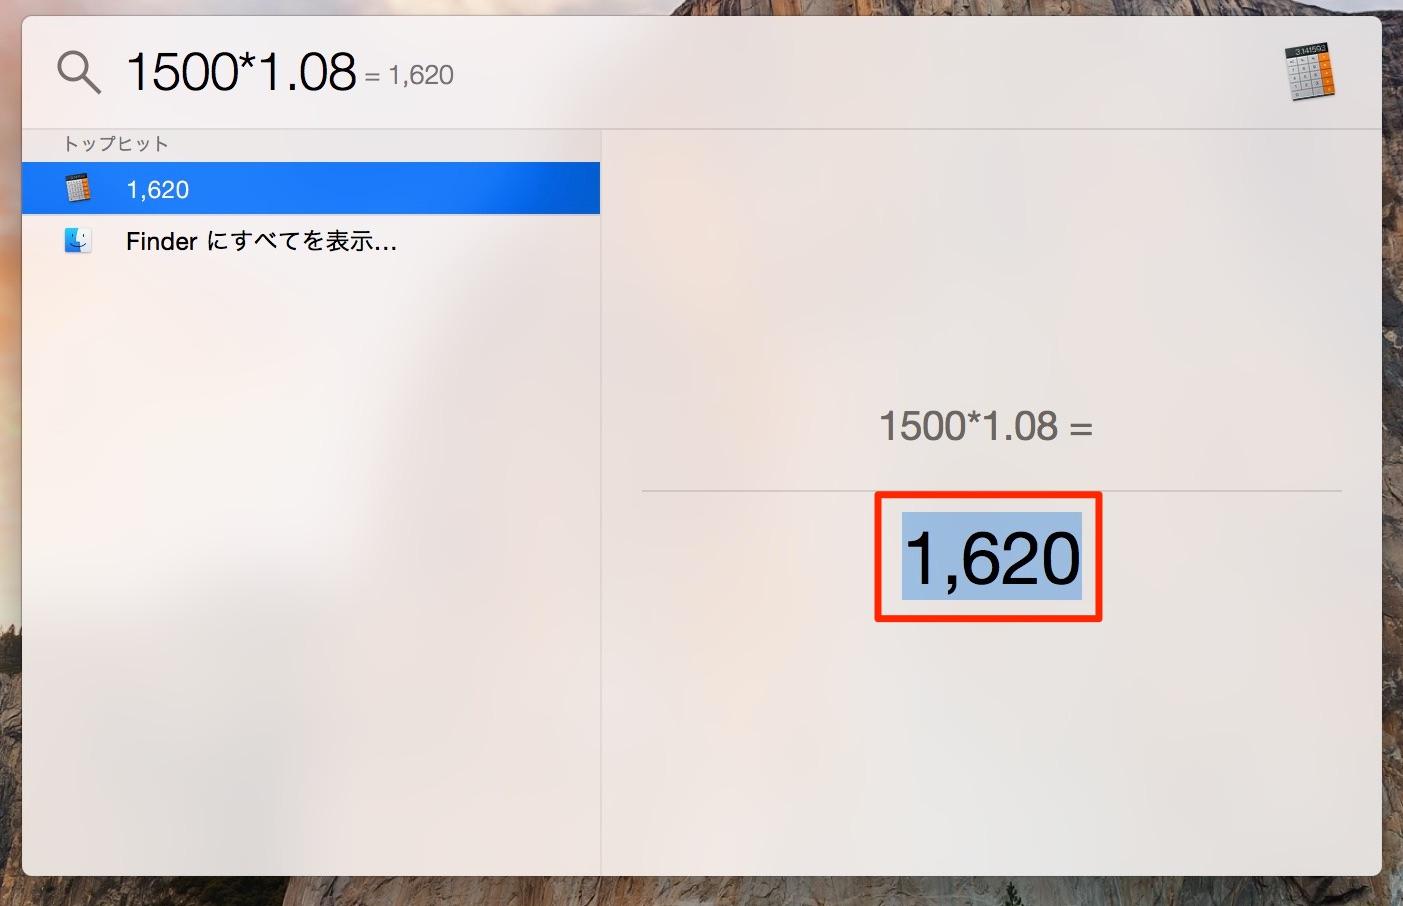 20150113-115154.jpg